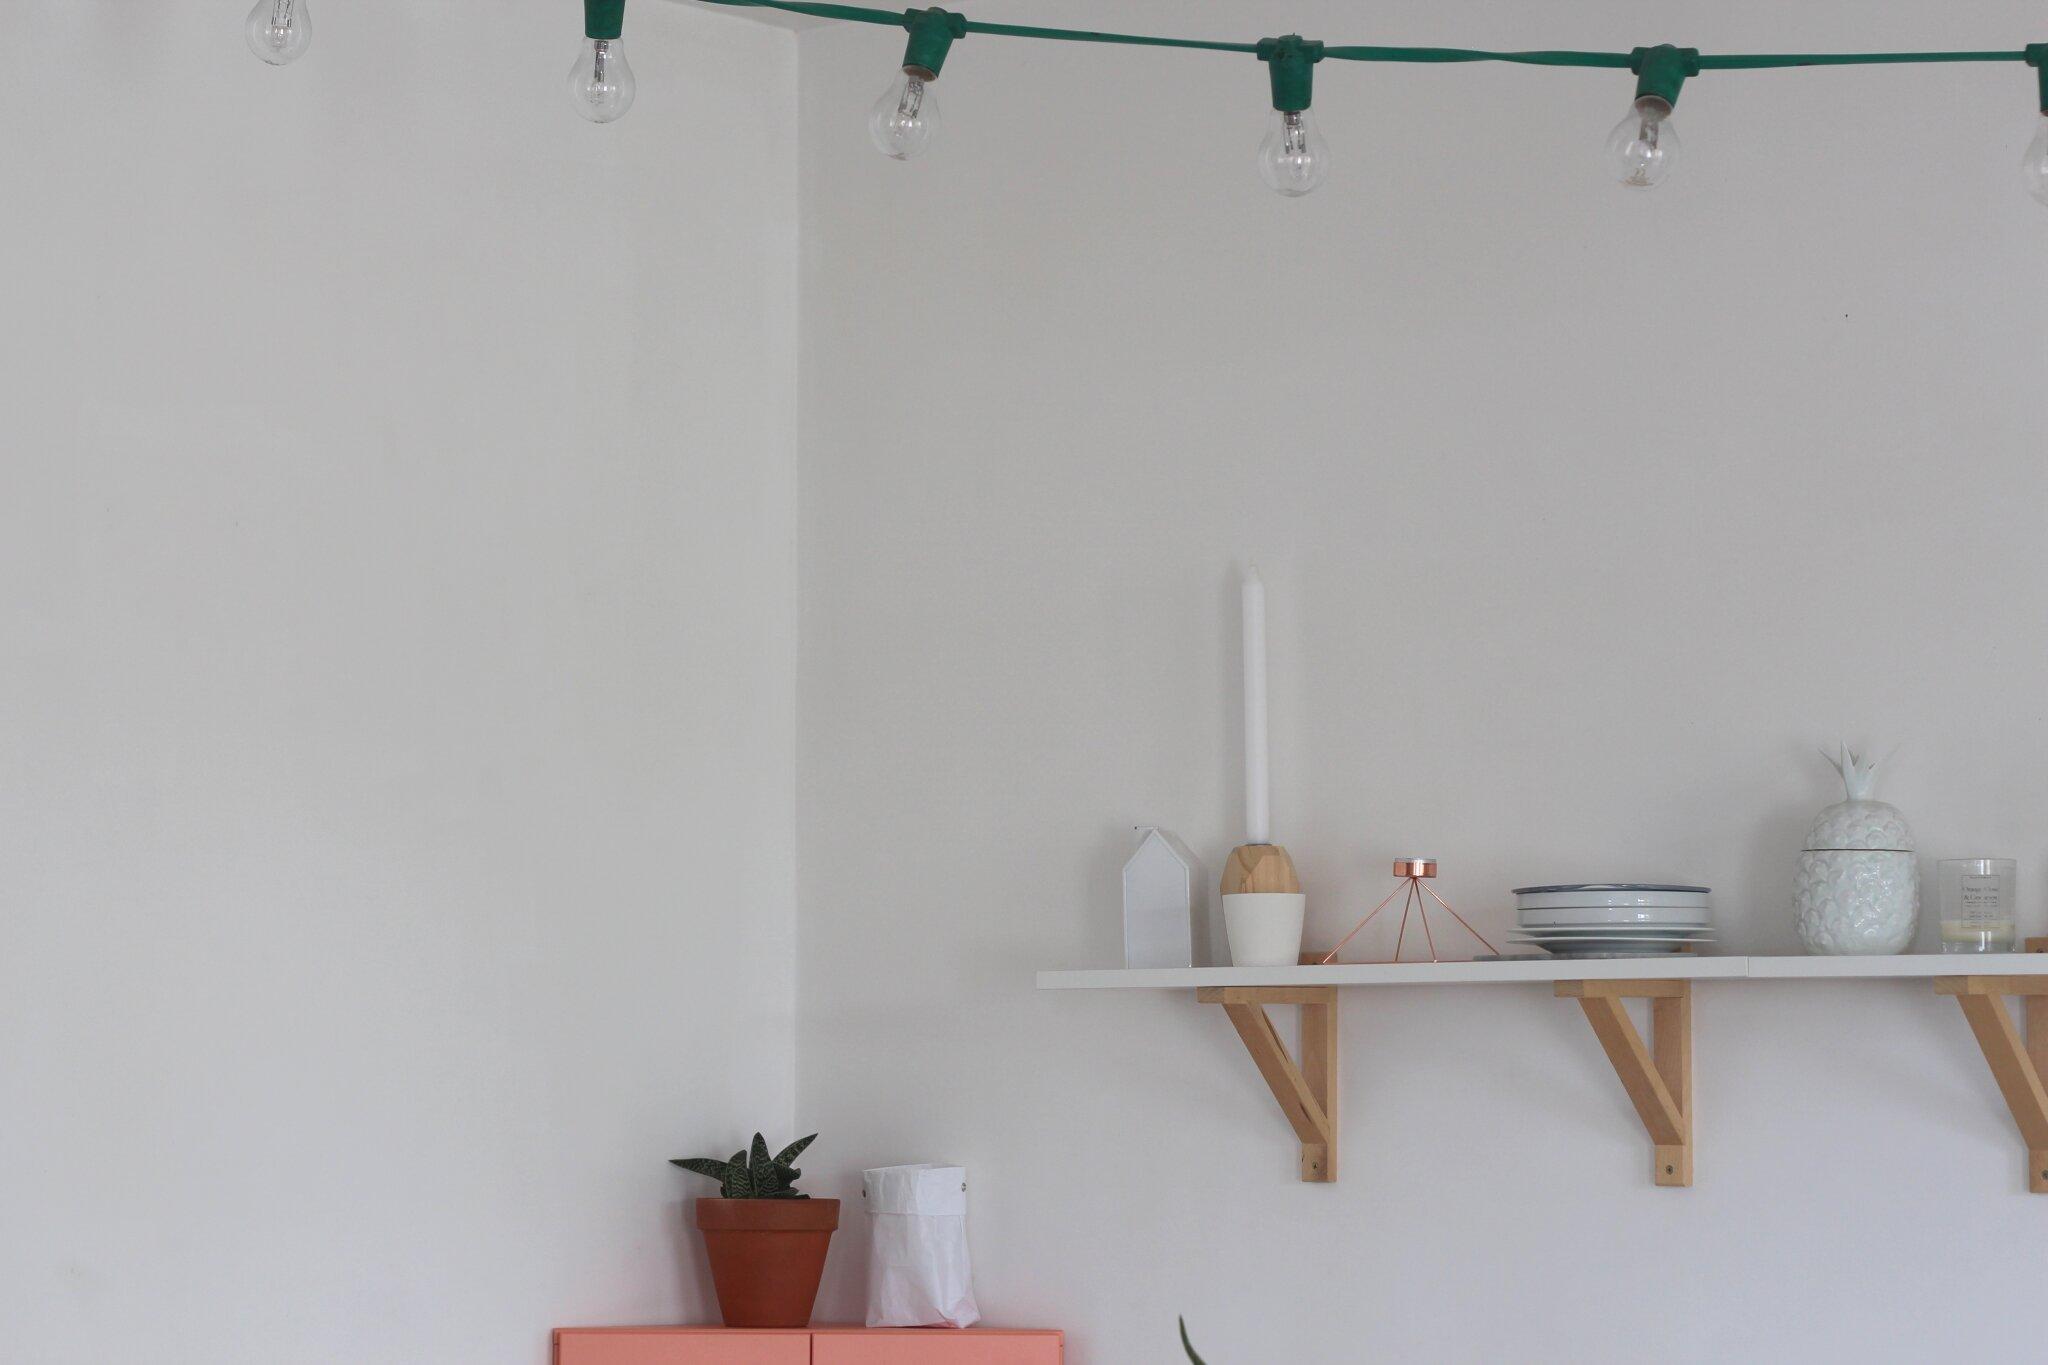 Le meuble rose emilie sans chichi - Guirlande guinguette ikea ...